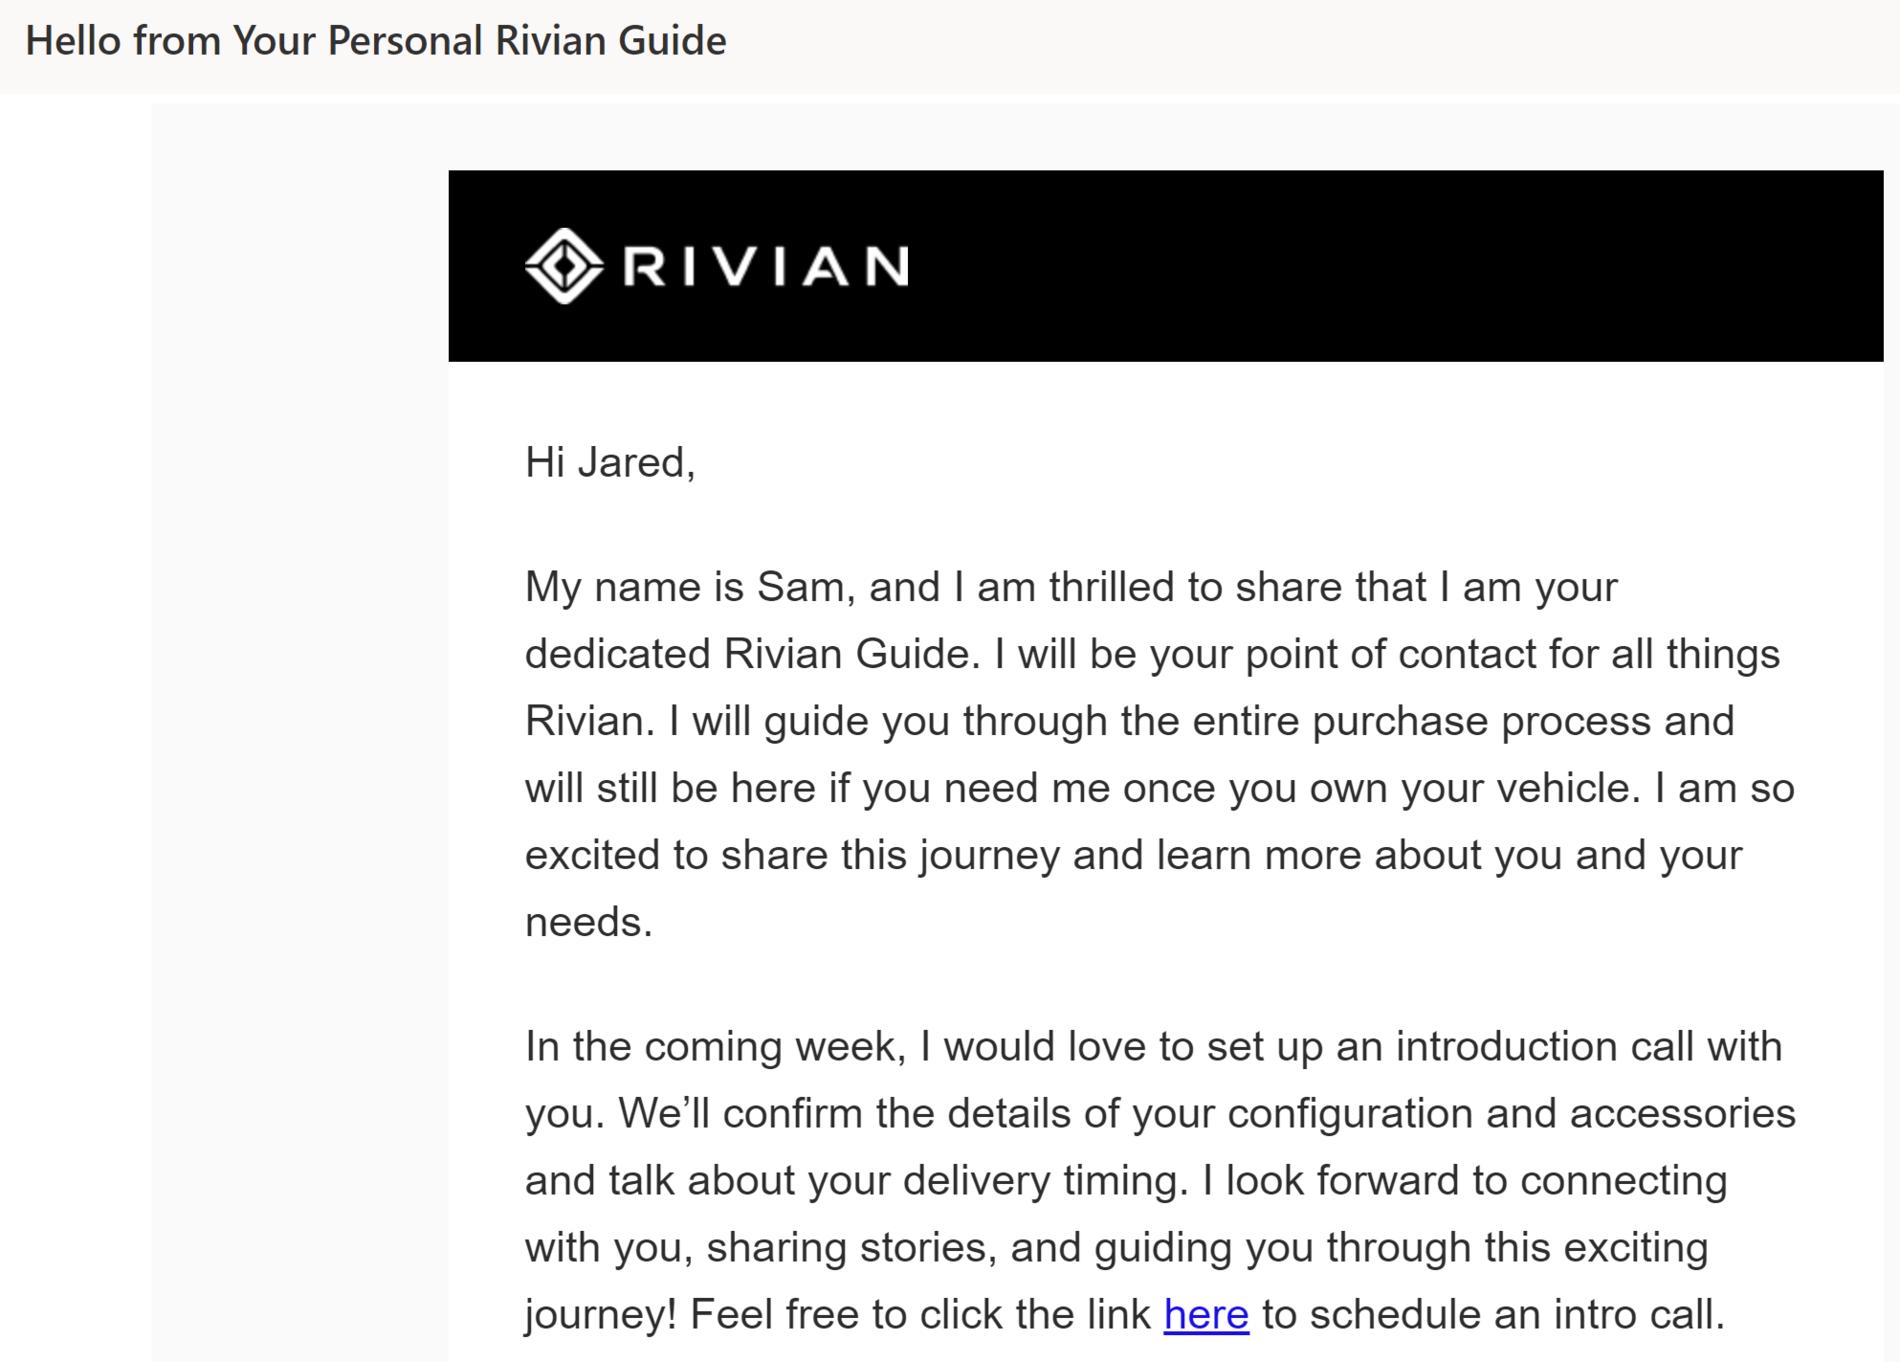 rivian-guide-1